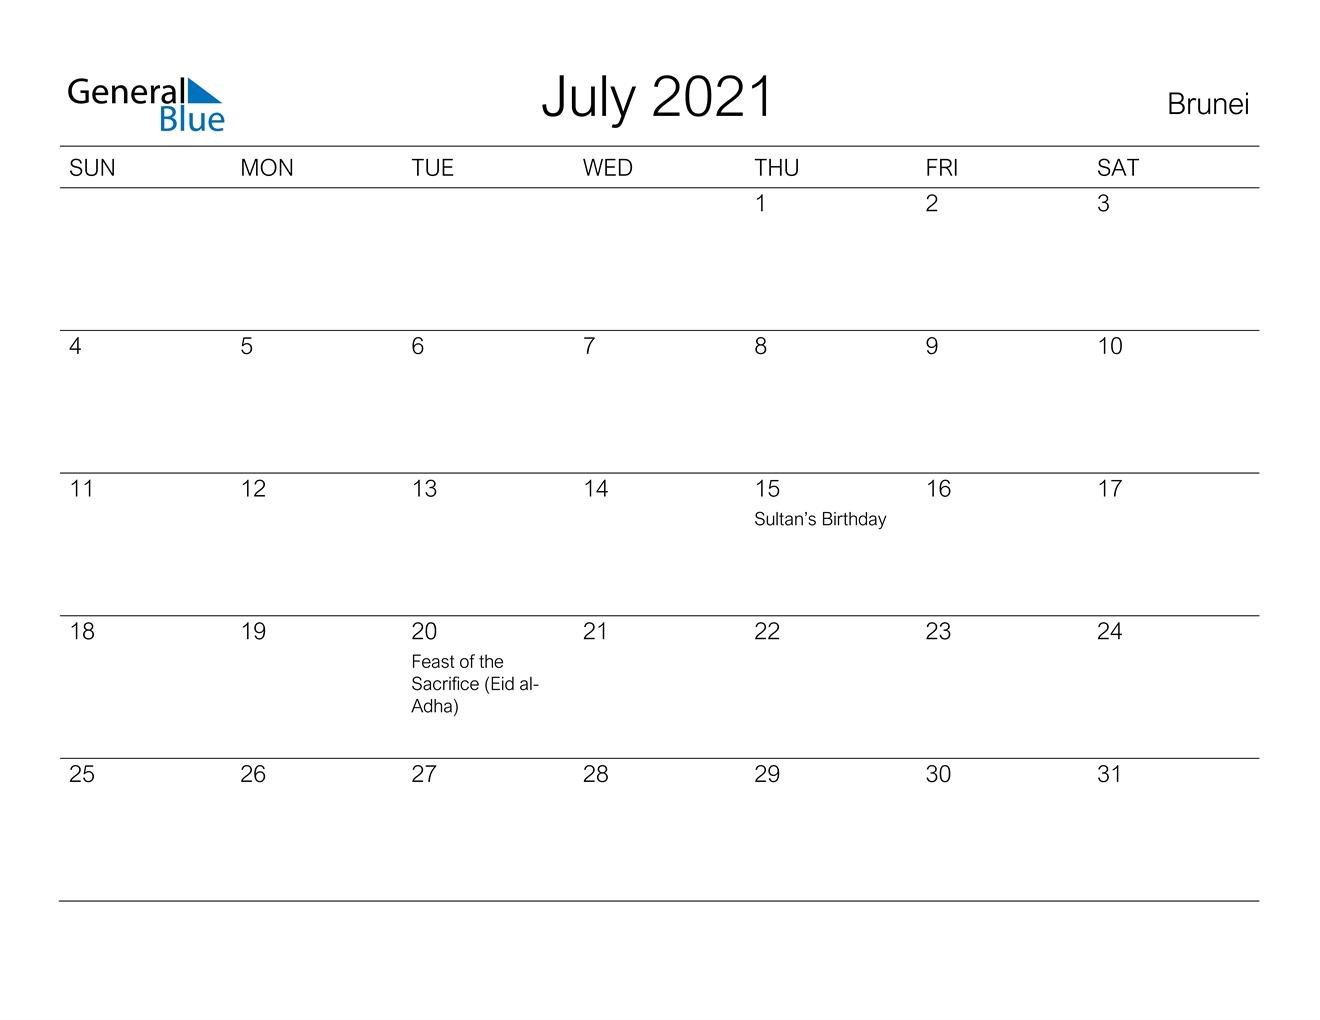 July 2021 Calendar - Brunei